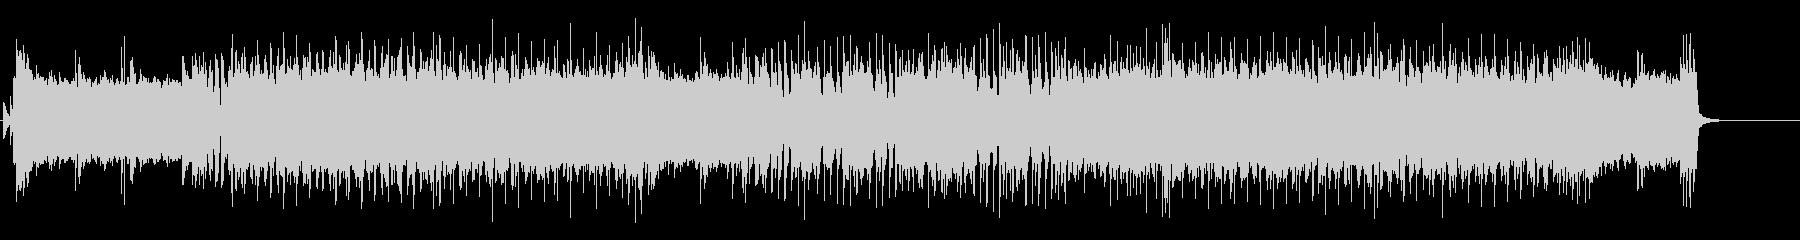 熱いギターロックBGM3の未再生の波形